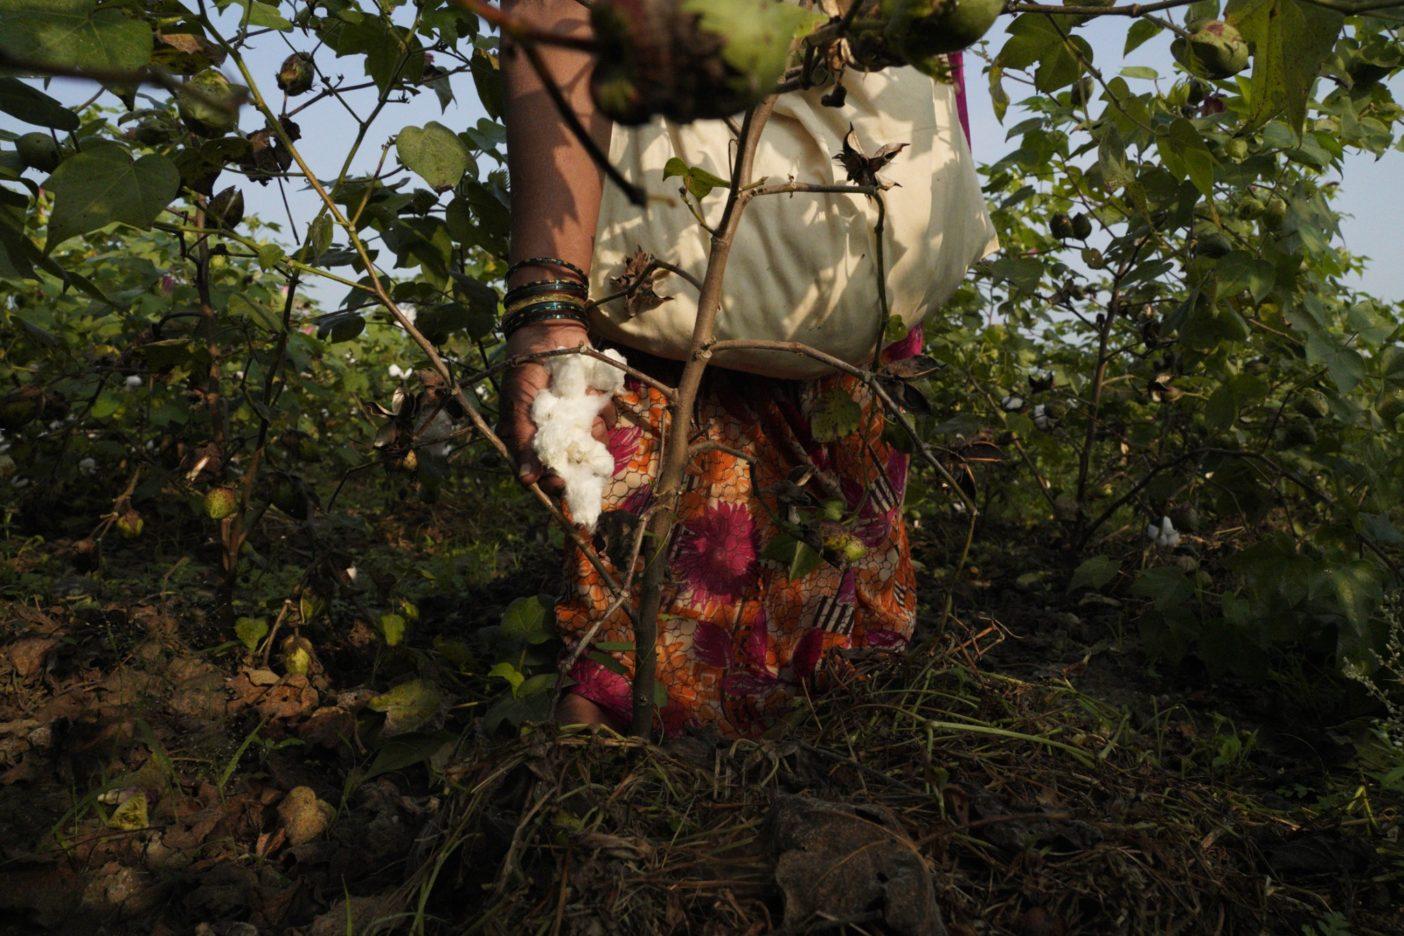 収穫の準備が整った綿花は手作業で殻から摘み取られる。Photo:Avani Rai